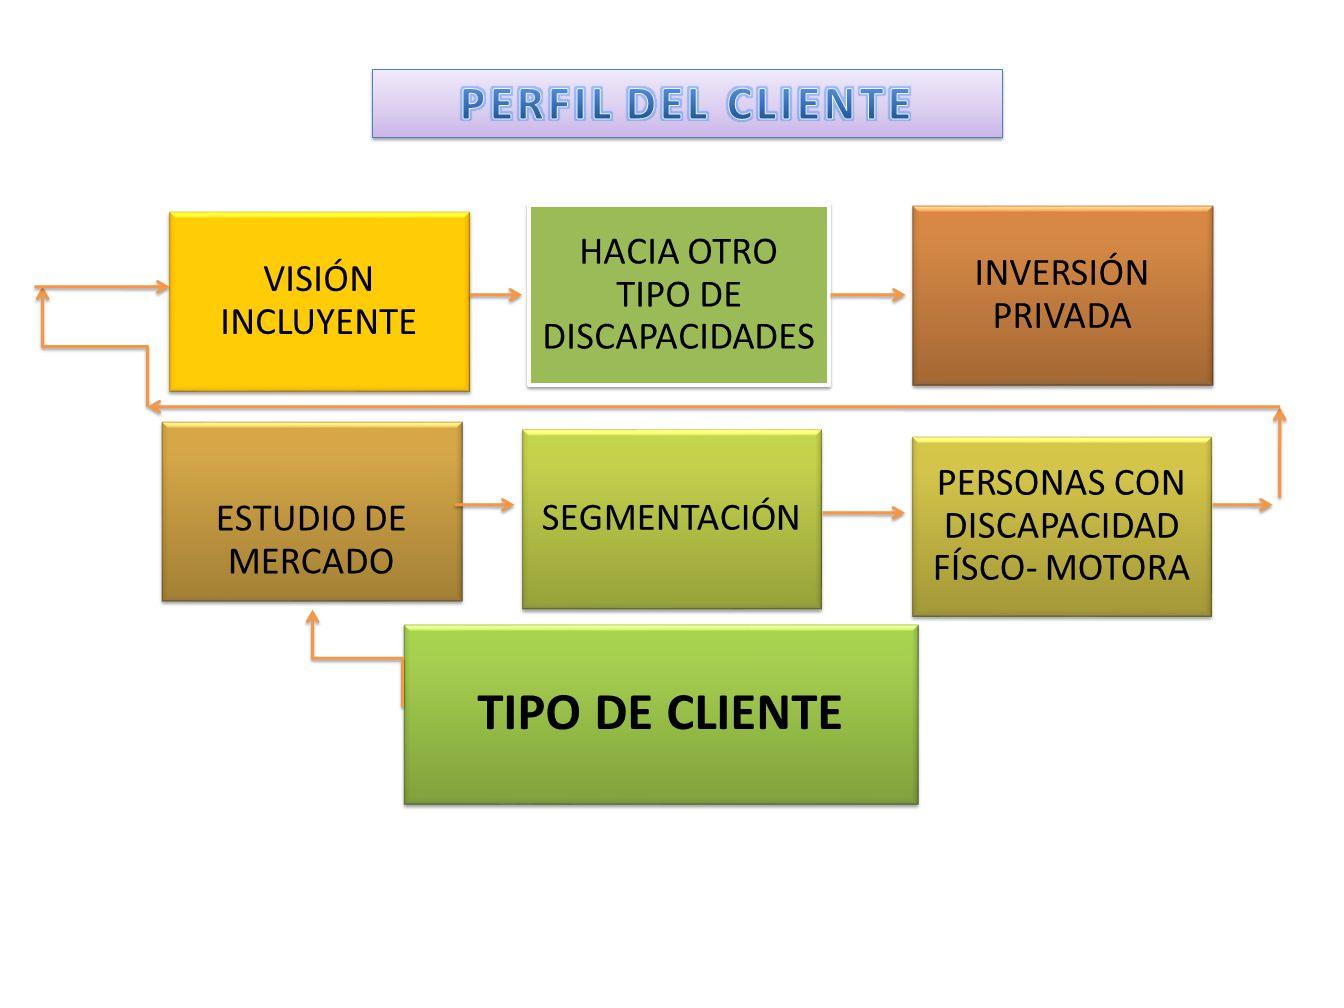 TIPO DE CLIENTE PERFIL DEL CLIENTE VISIÓN INCLUYENTE